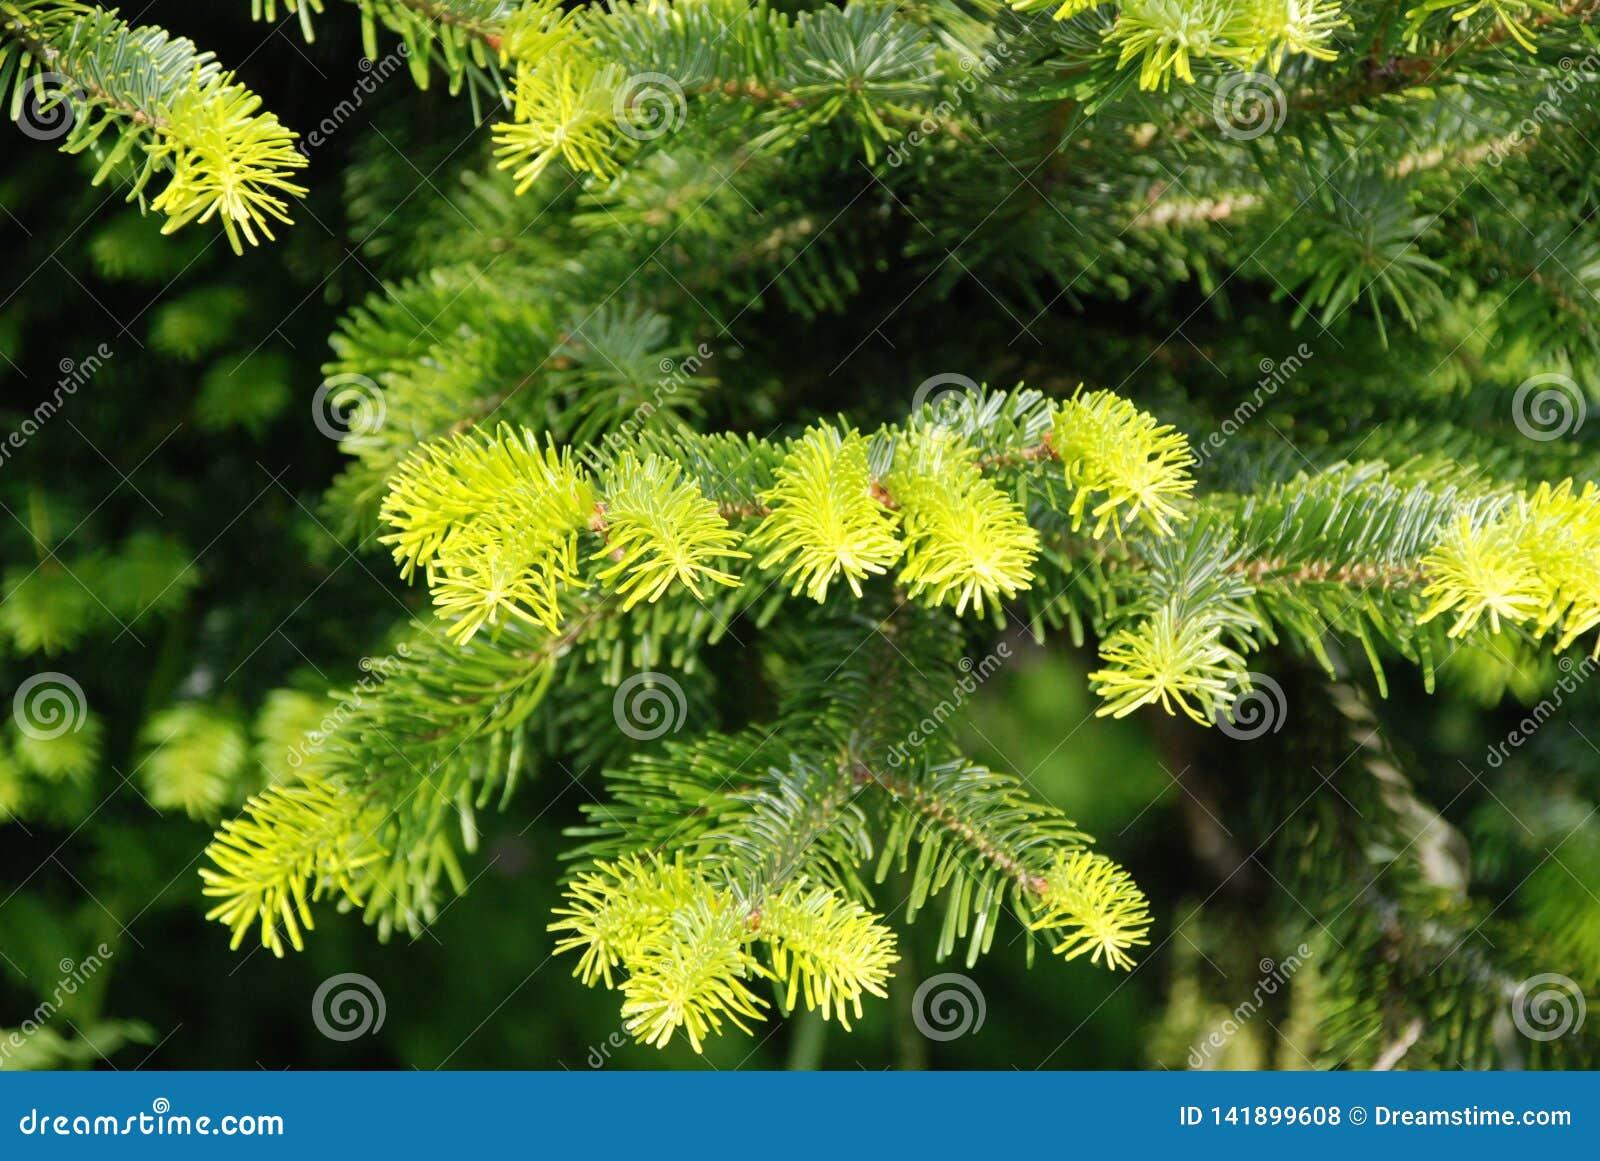 Agujas verdes frescas en el árbol de navidad